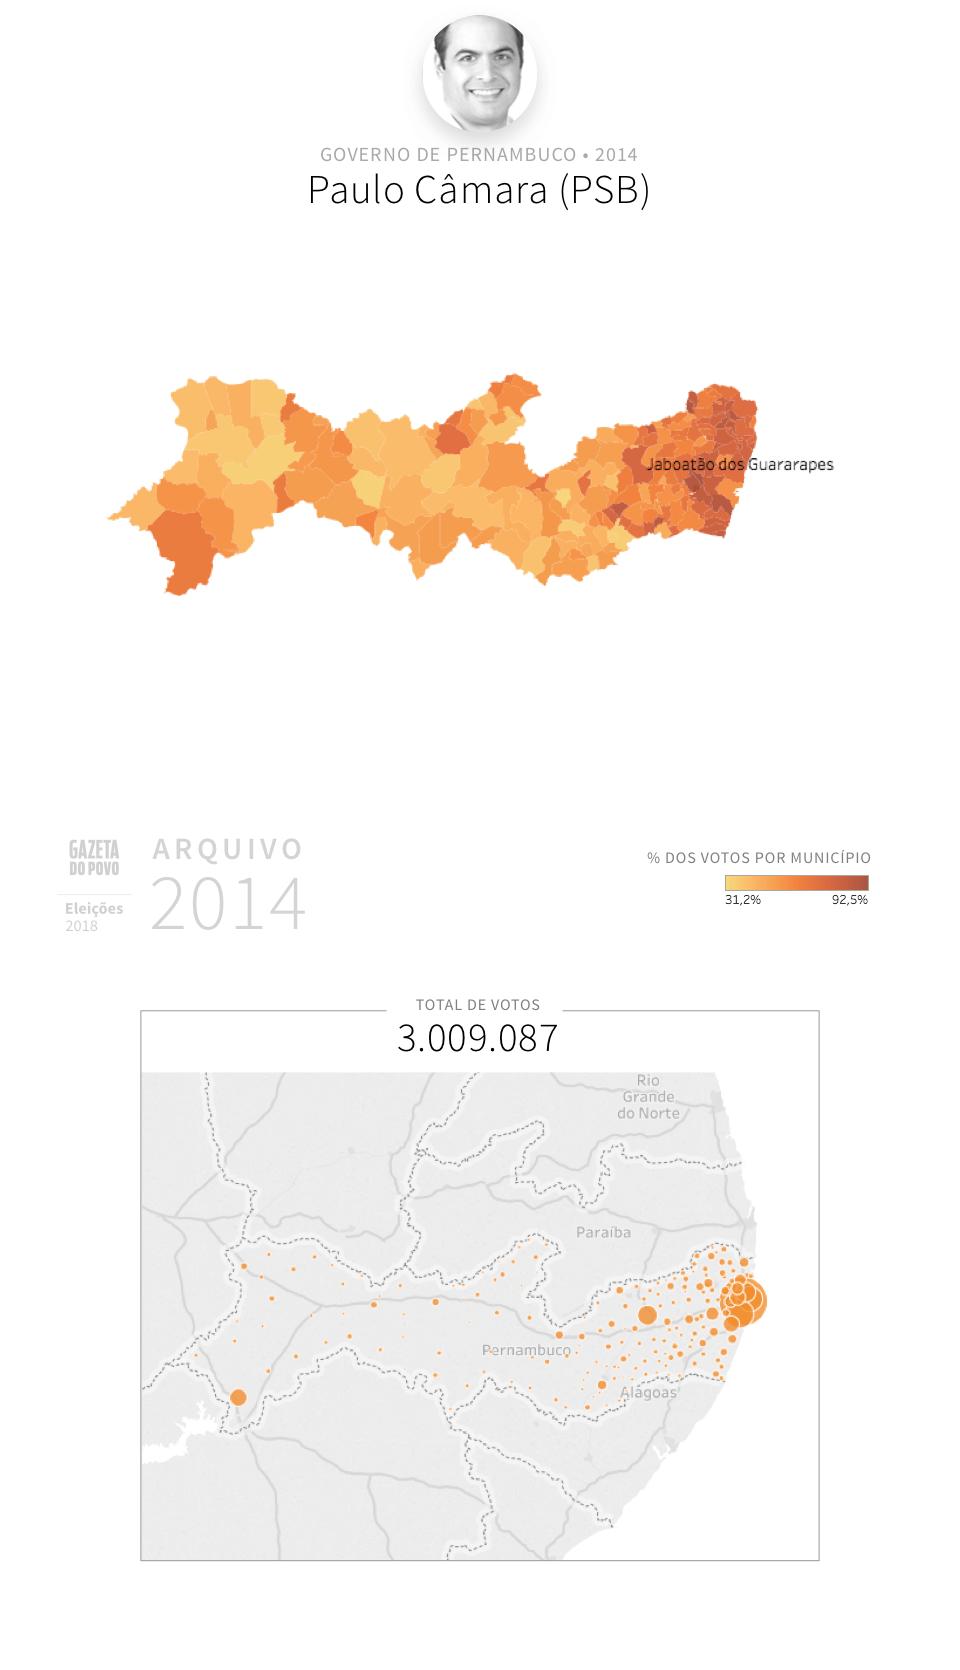 Desempenho do PSB em Pernambuco em 2014, na eleição para governador de Pernambuco. Em % do total de votos em cada município.